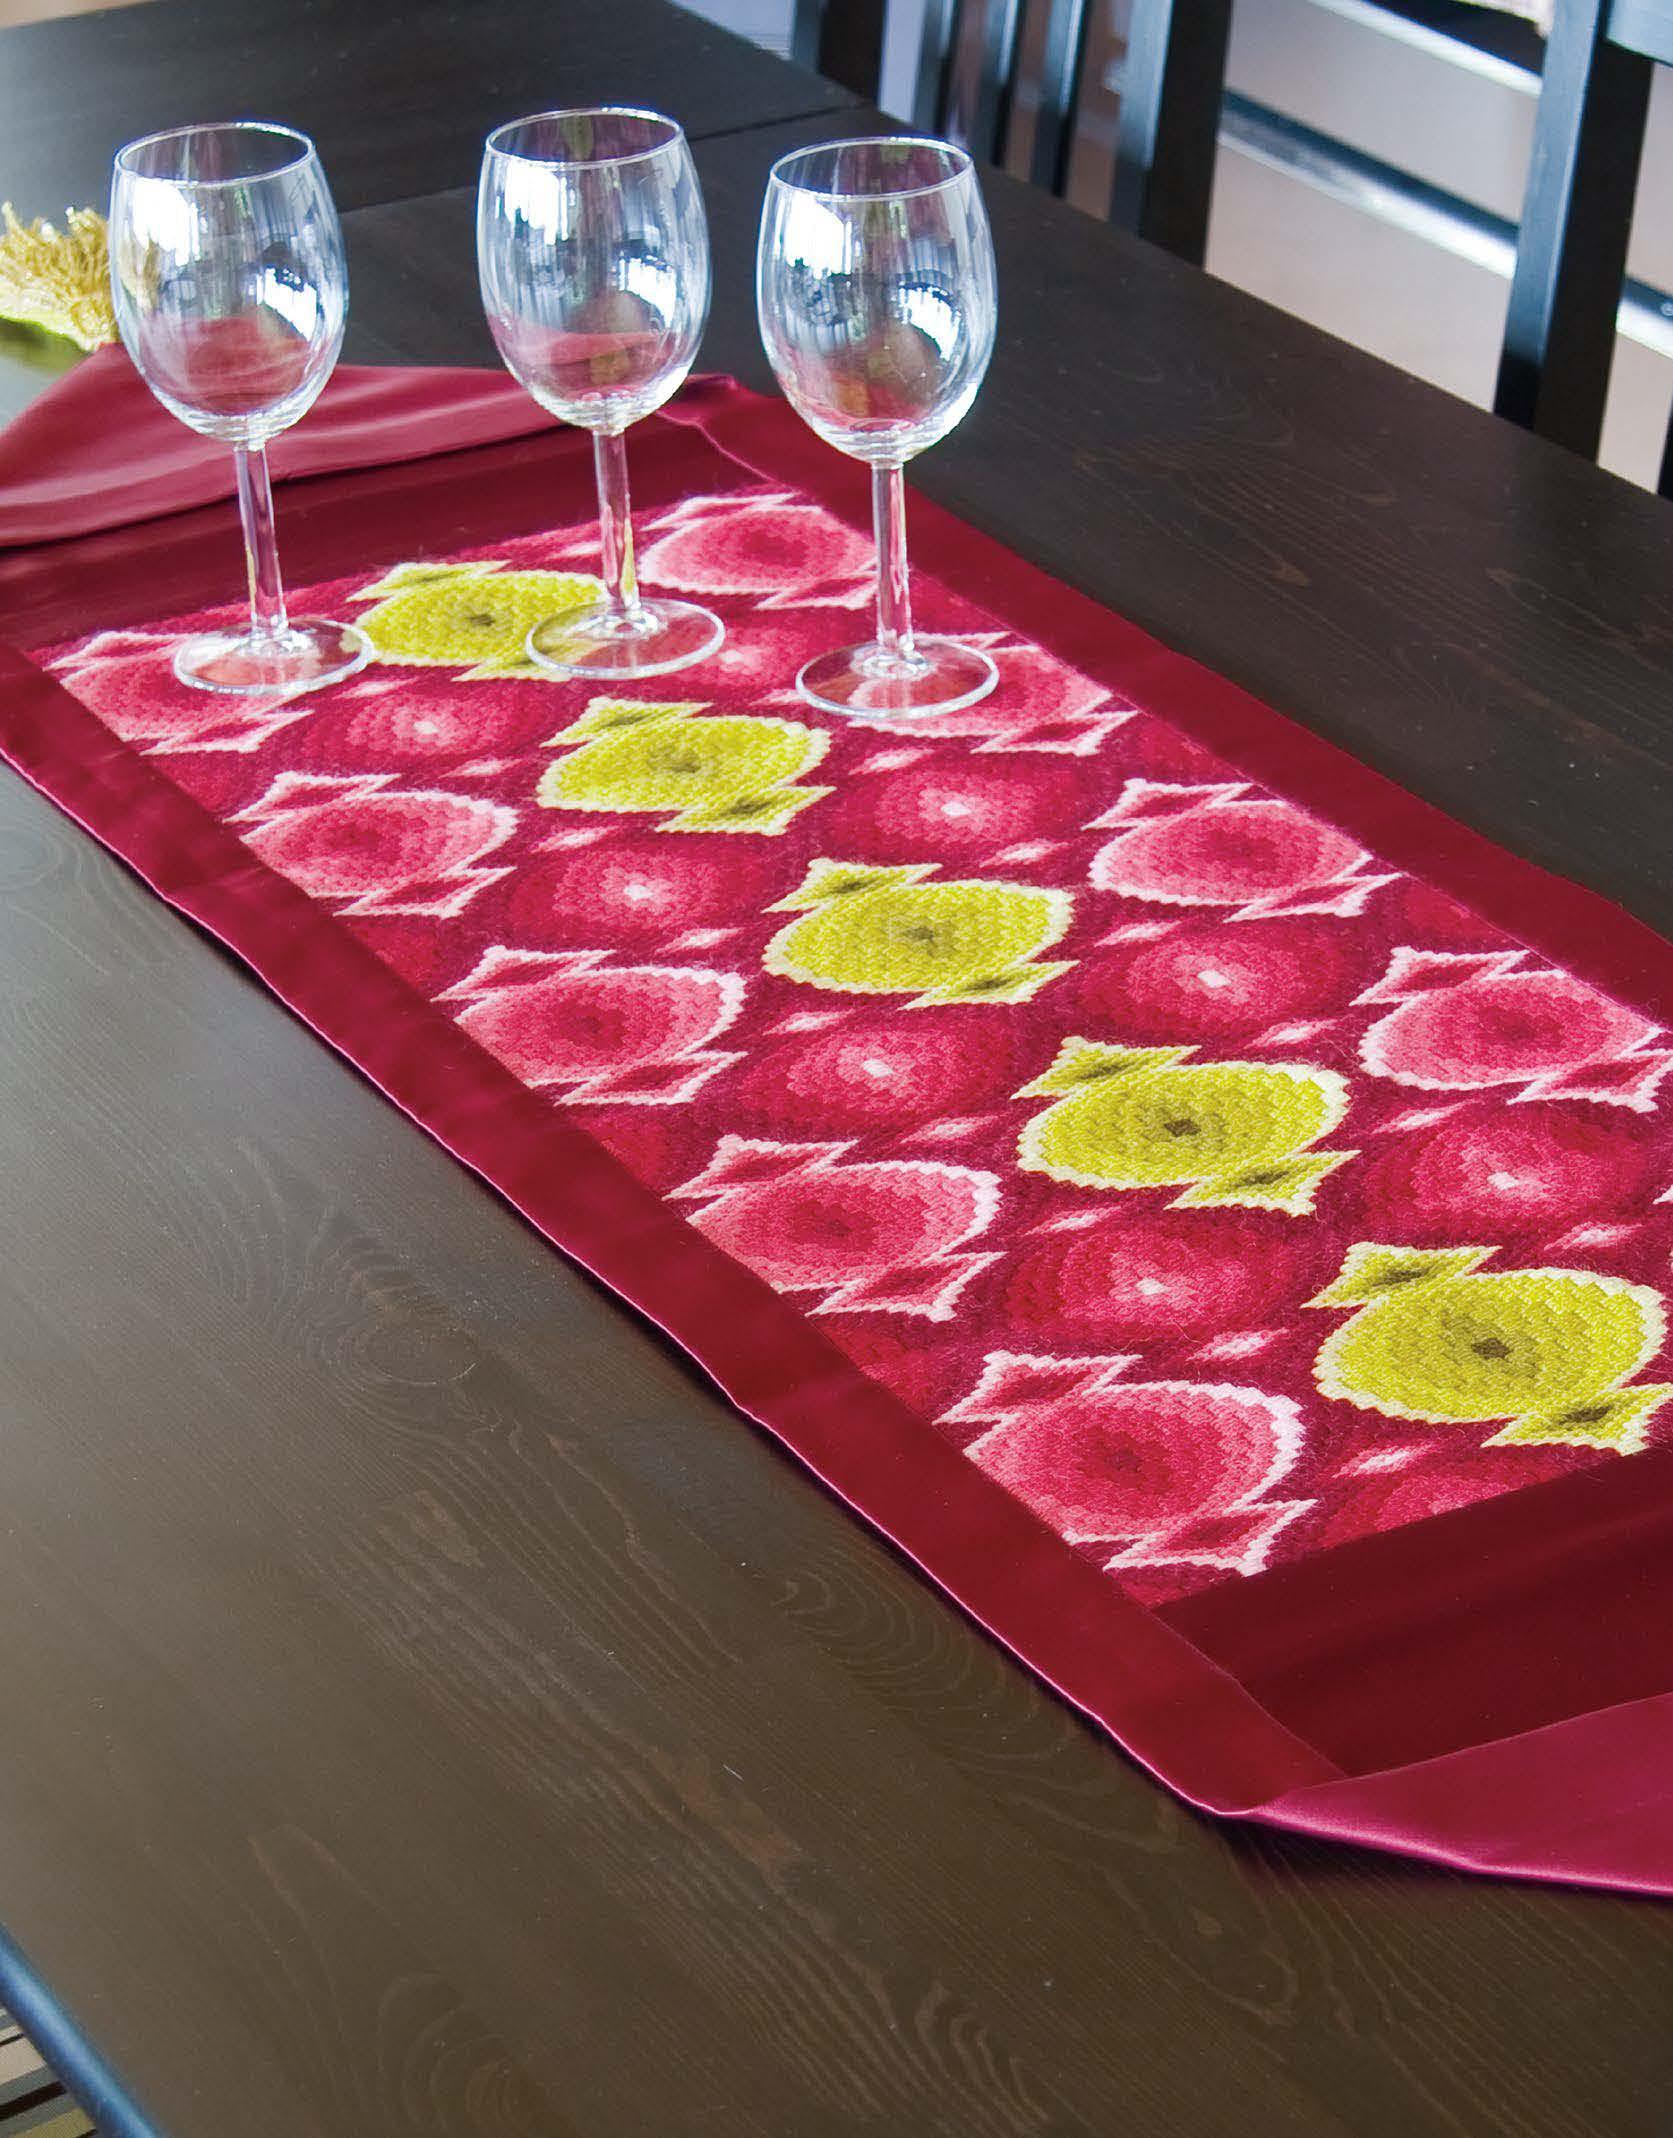 Bolo Bargello Table Runner Pattern - Festive 2011